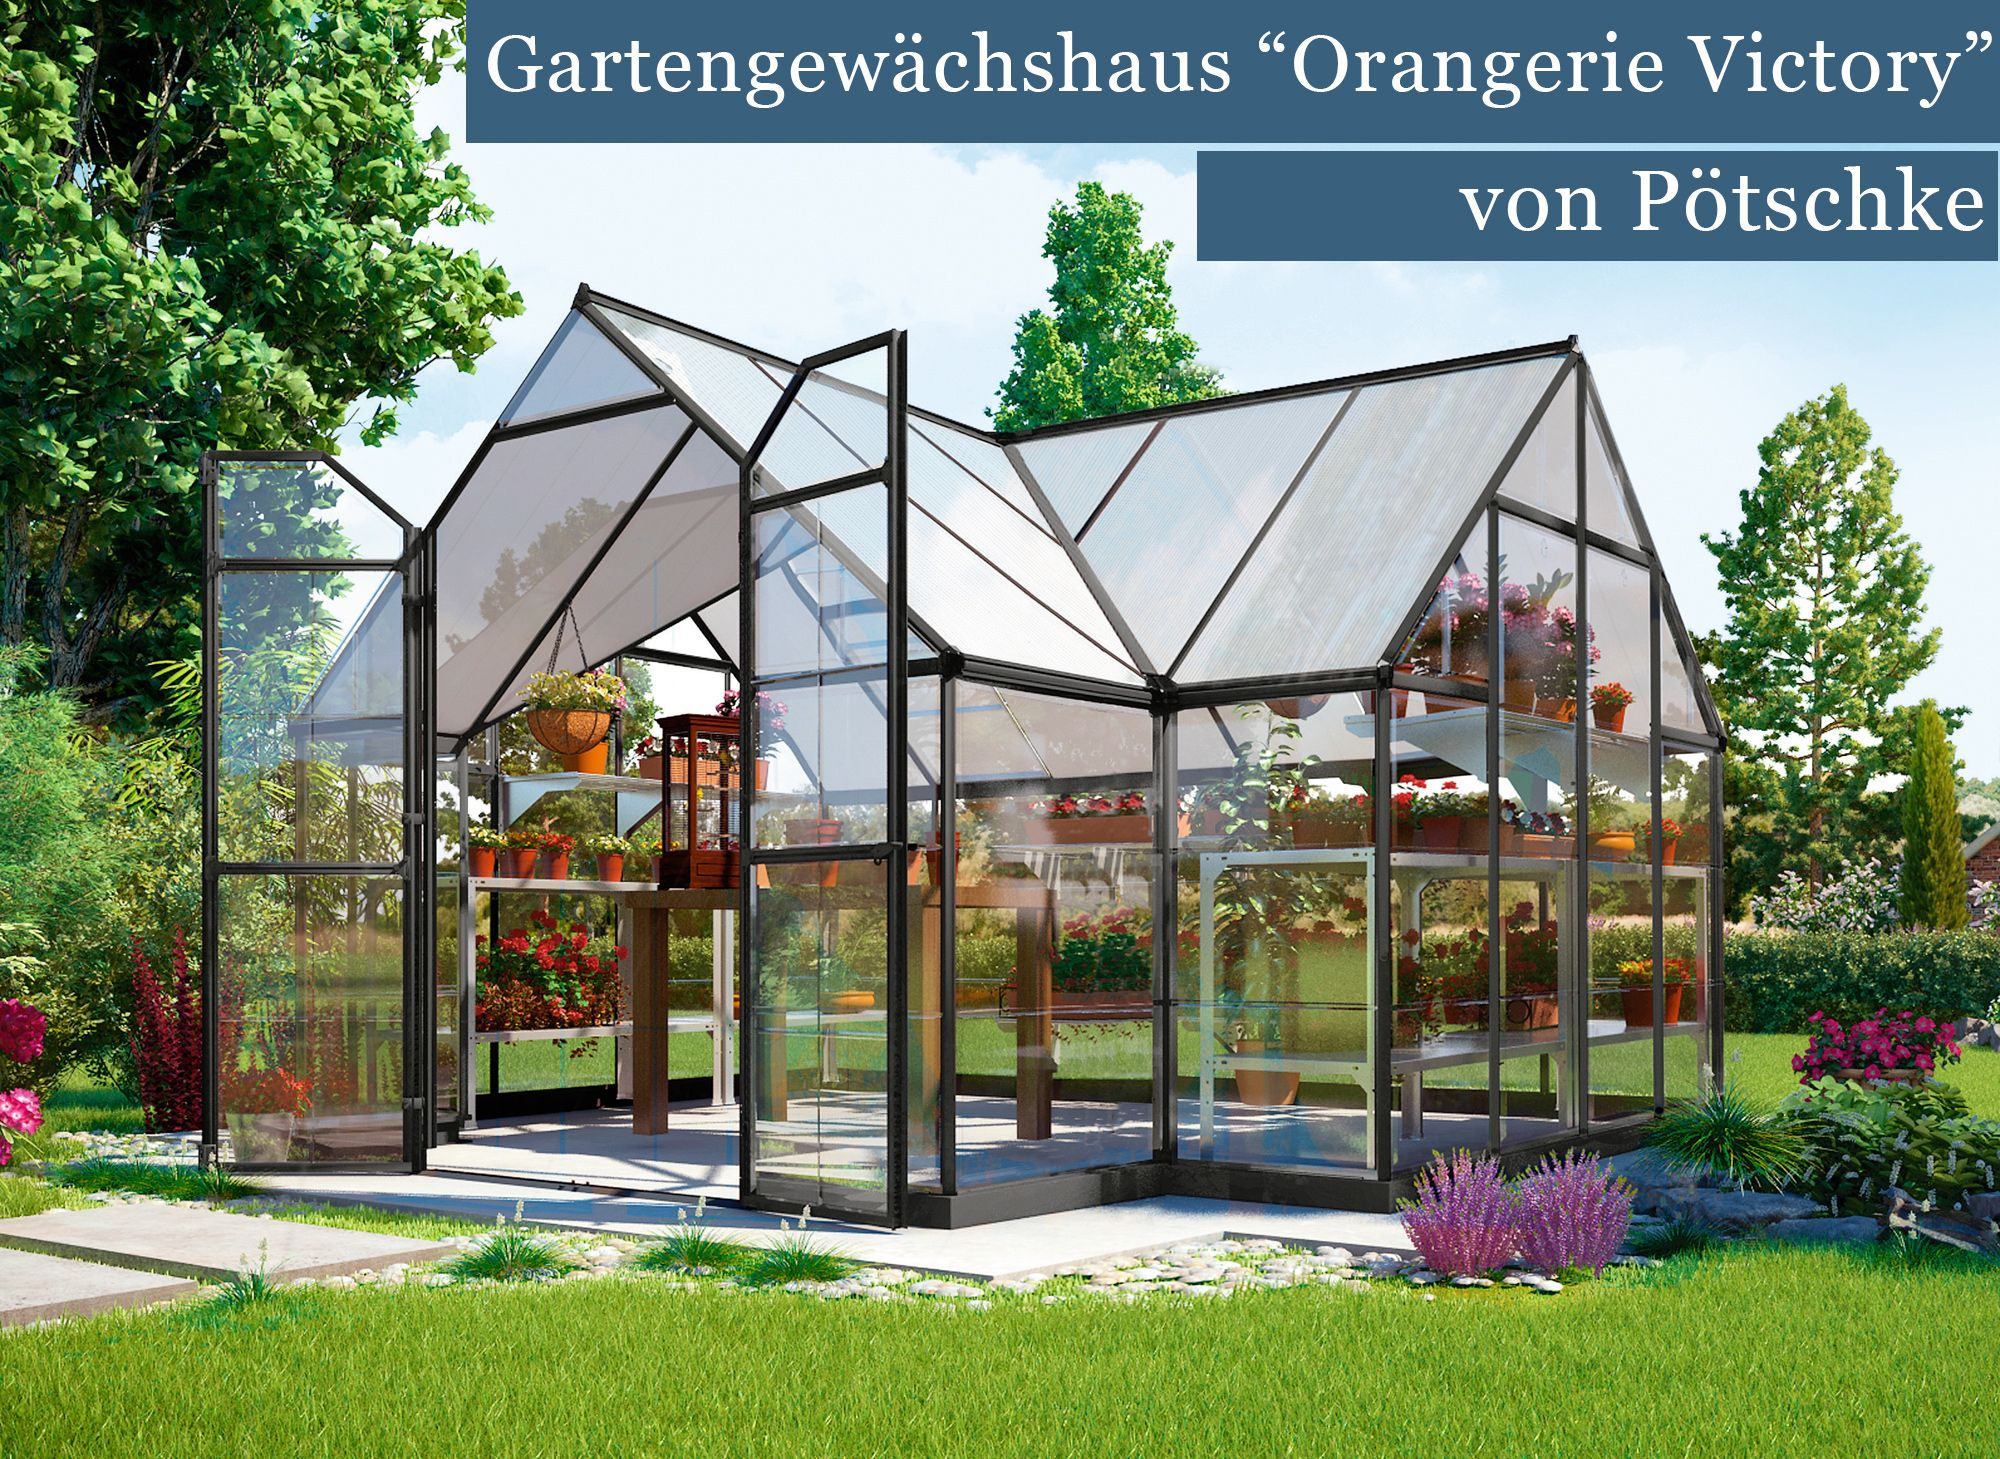 Reprasentatives Gartengewachshaus Orangerie Victory Von